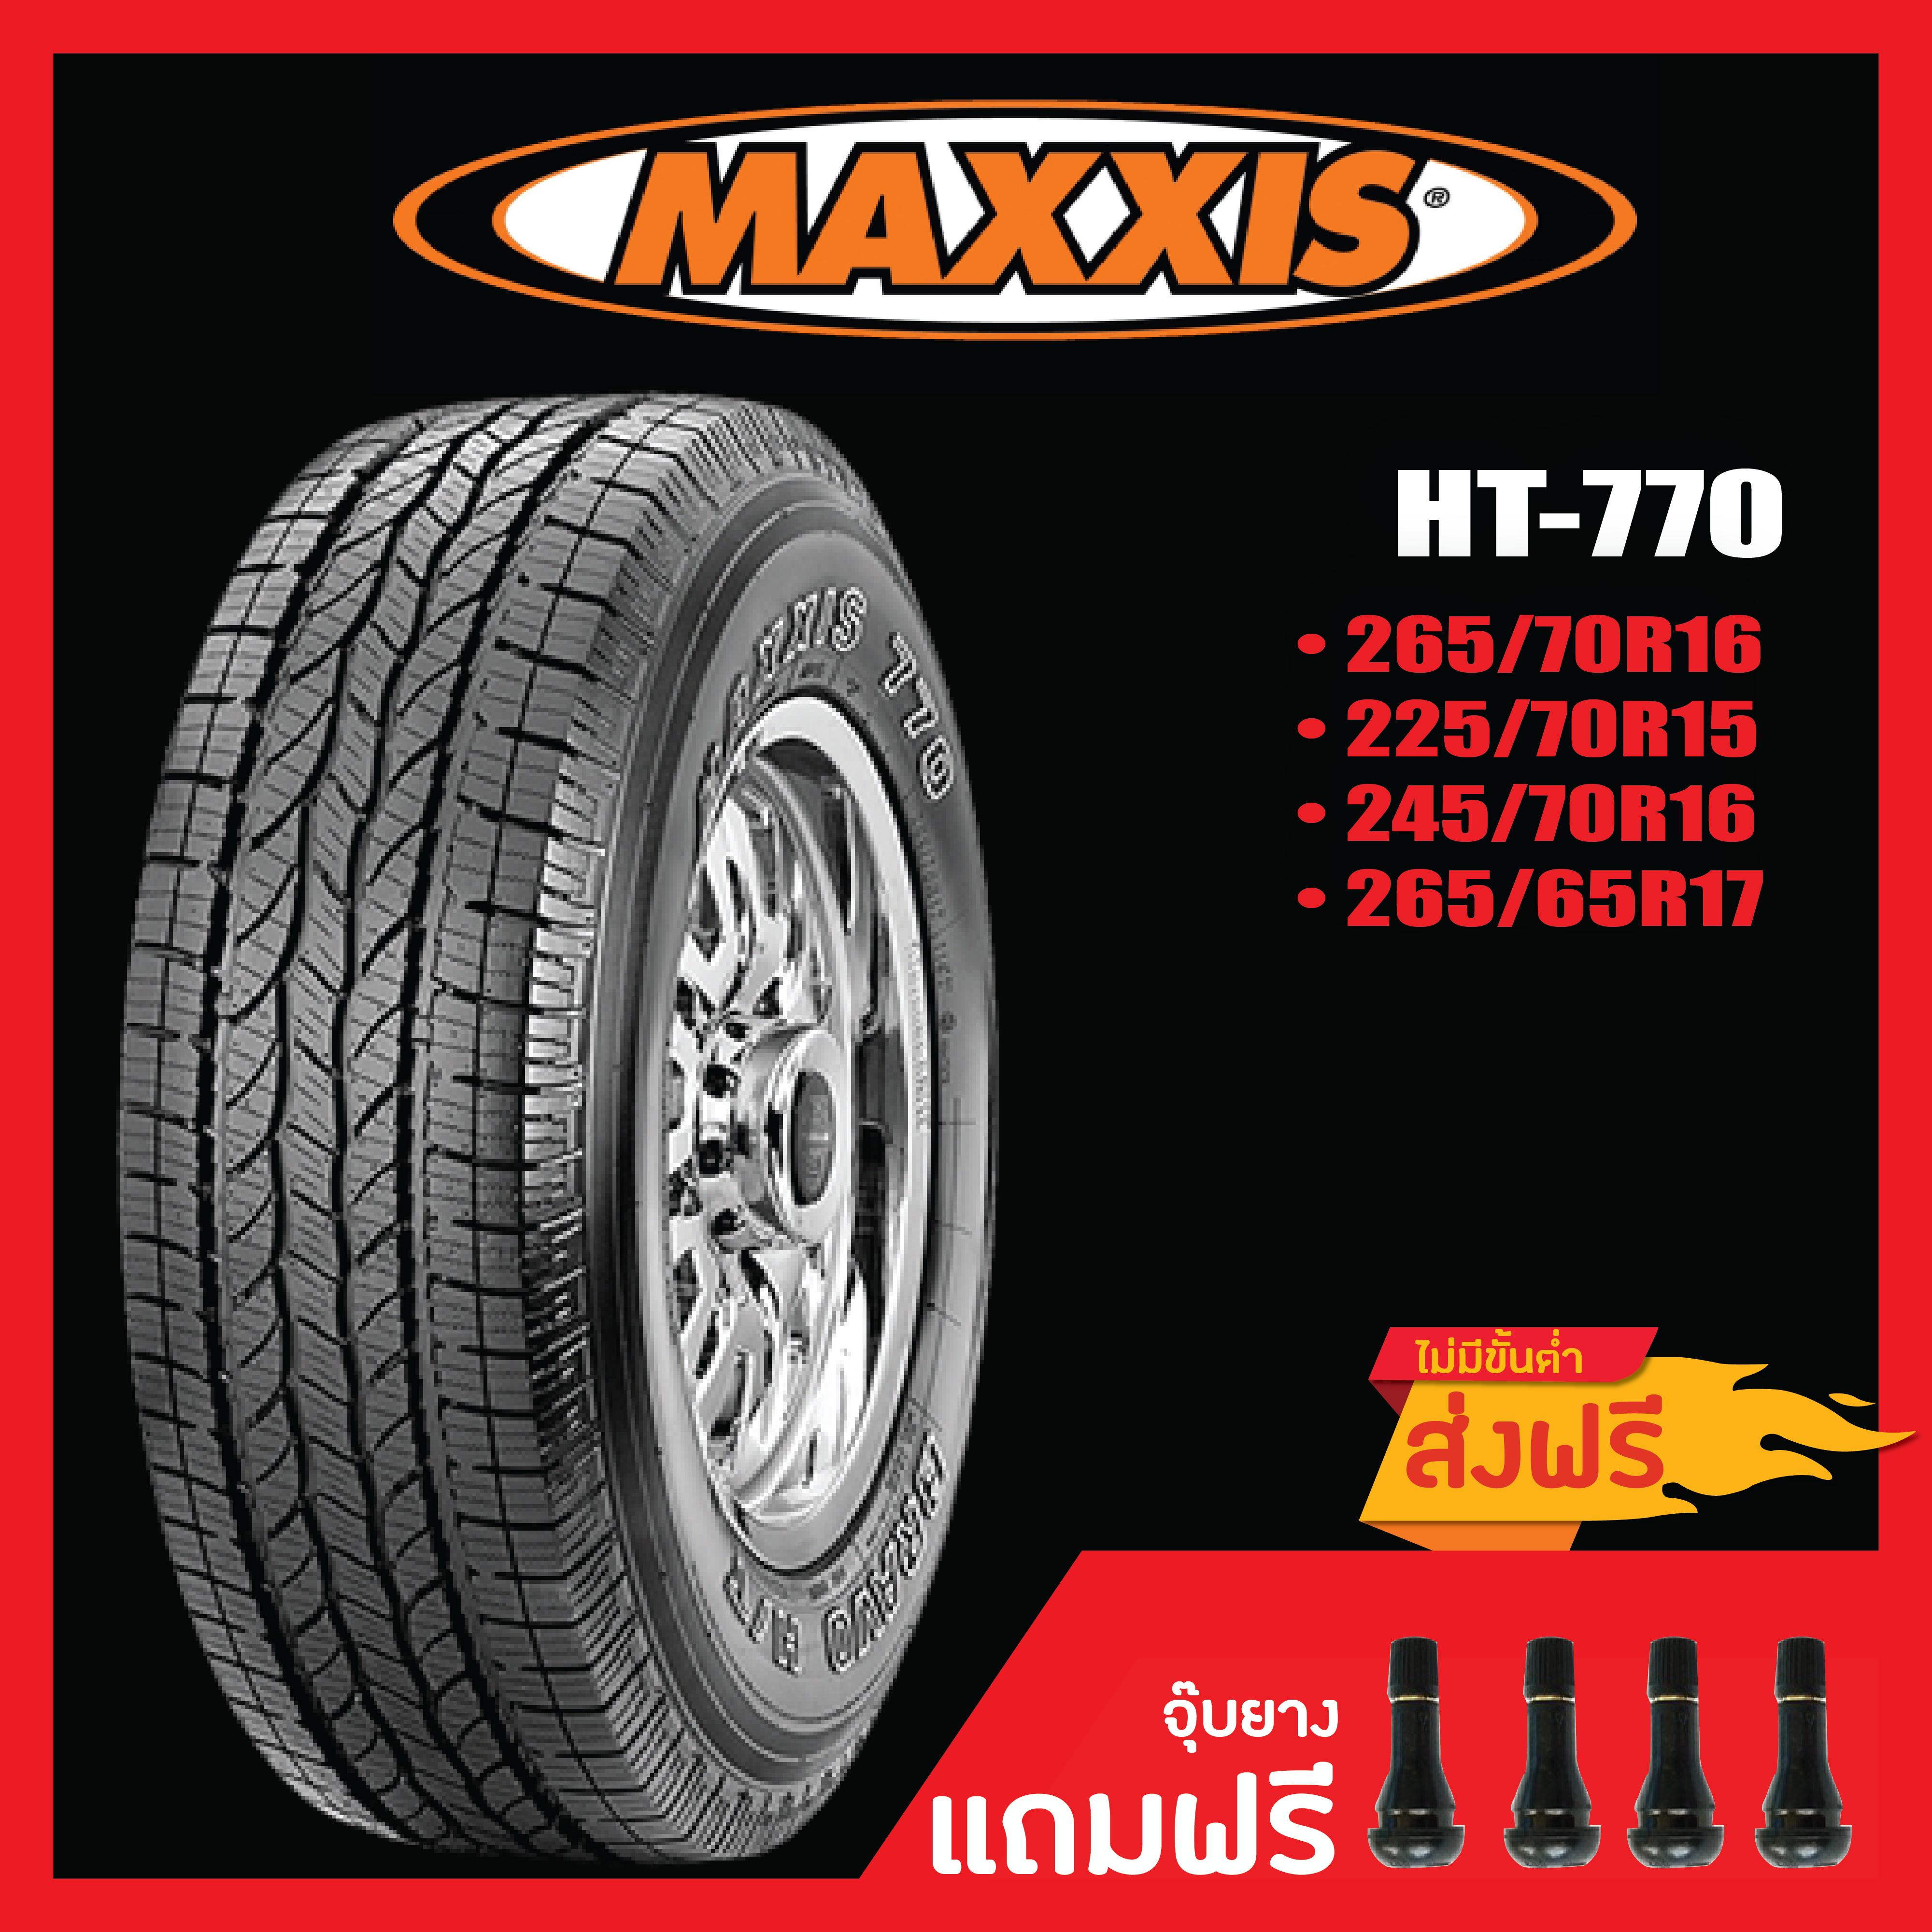 Maxxis Ht-770 • 265/70r16 • 225/70r15 • 245/70r16 • 265/65r17 ยางใหม่ปี 2020.